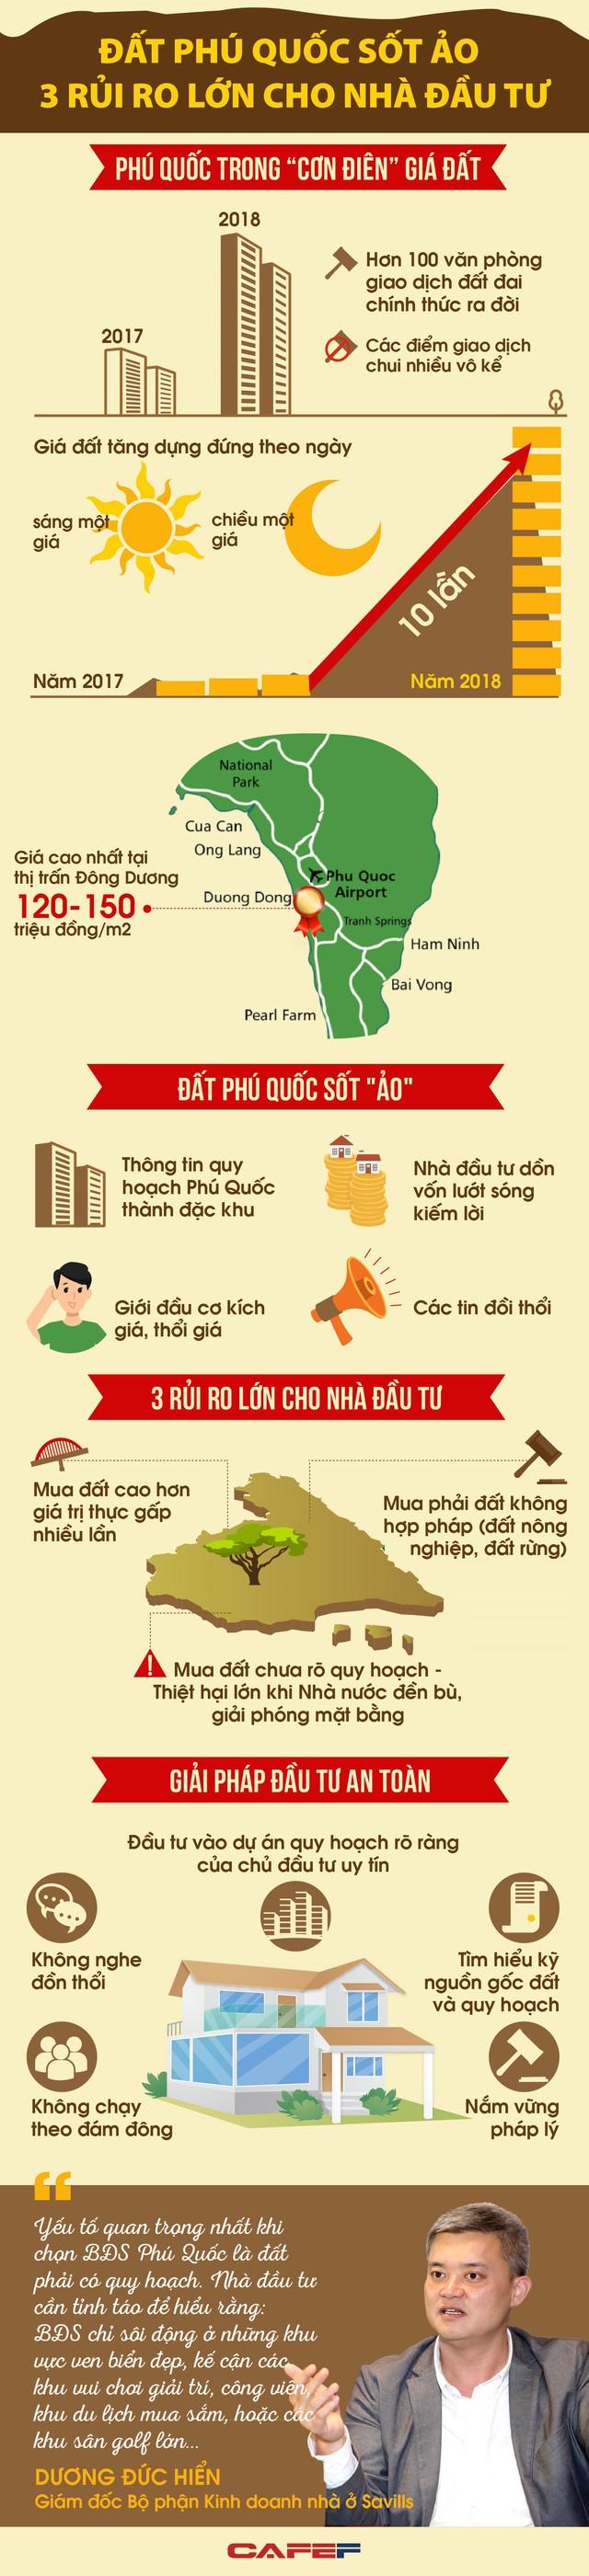 Lao vào cơn sốt đất Phú Quốc, nhà đầu tư sẽ đối mặt với 3 rủi ro chính - Ảnh 1.